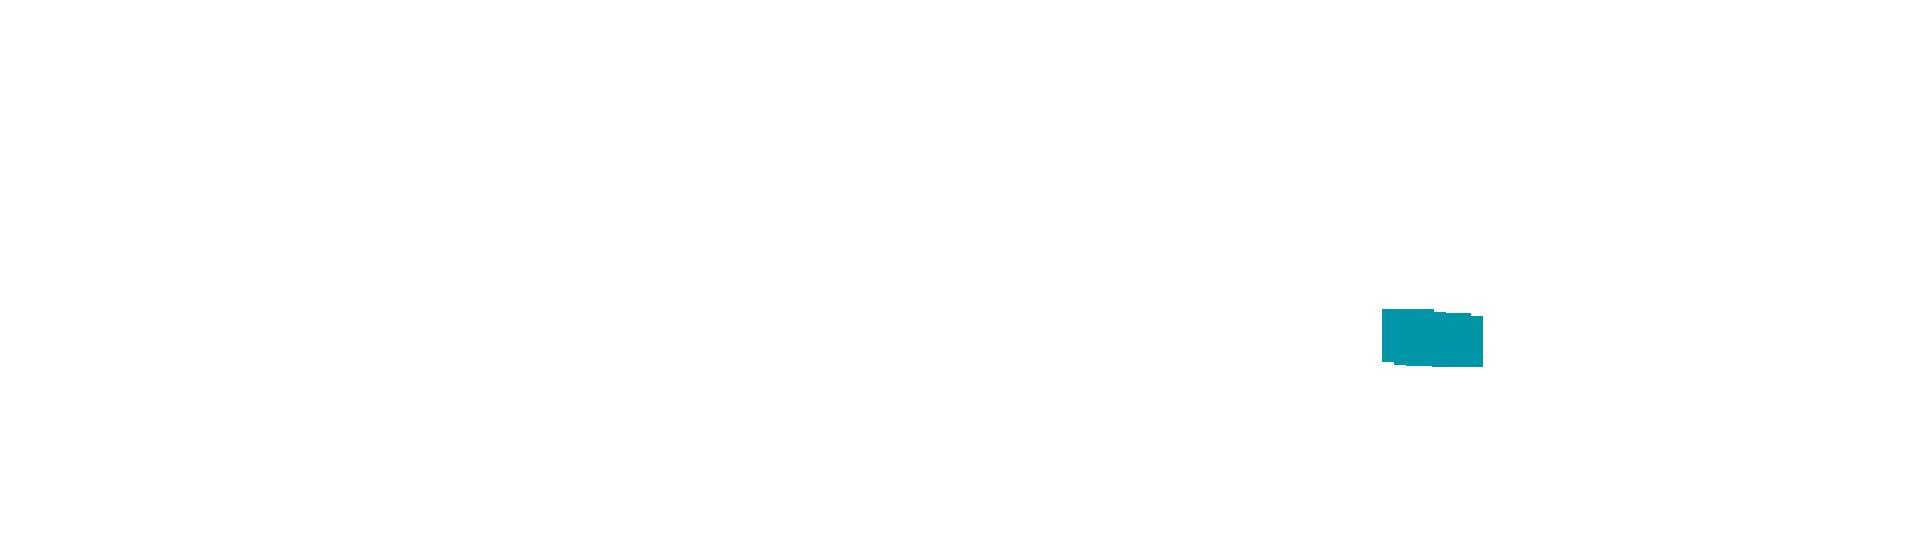 area_1